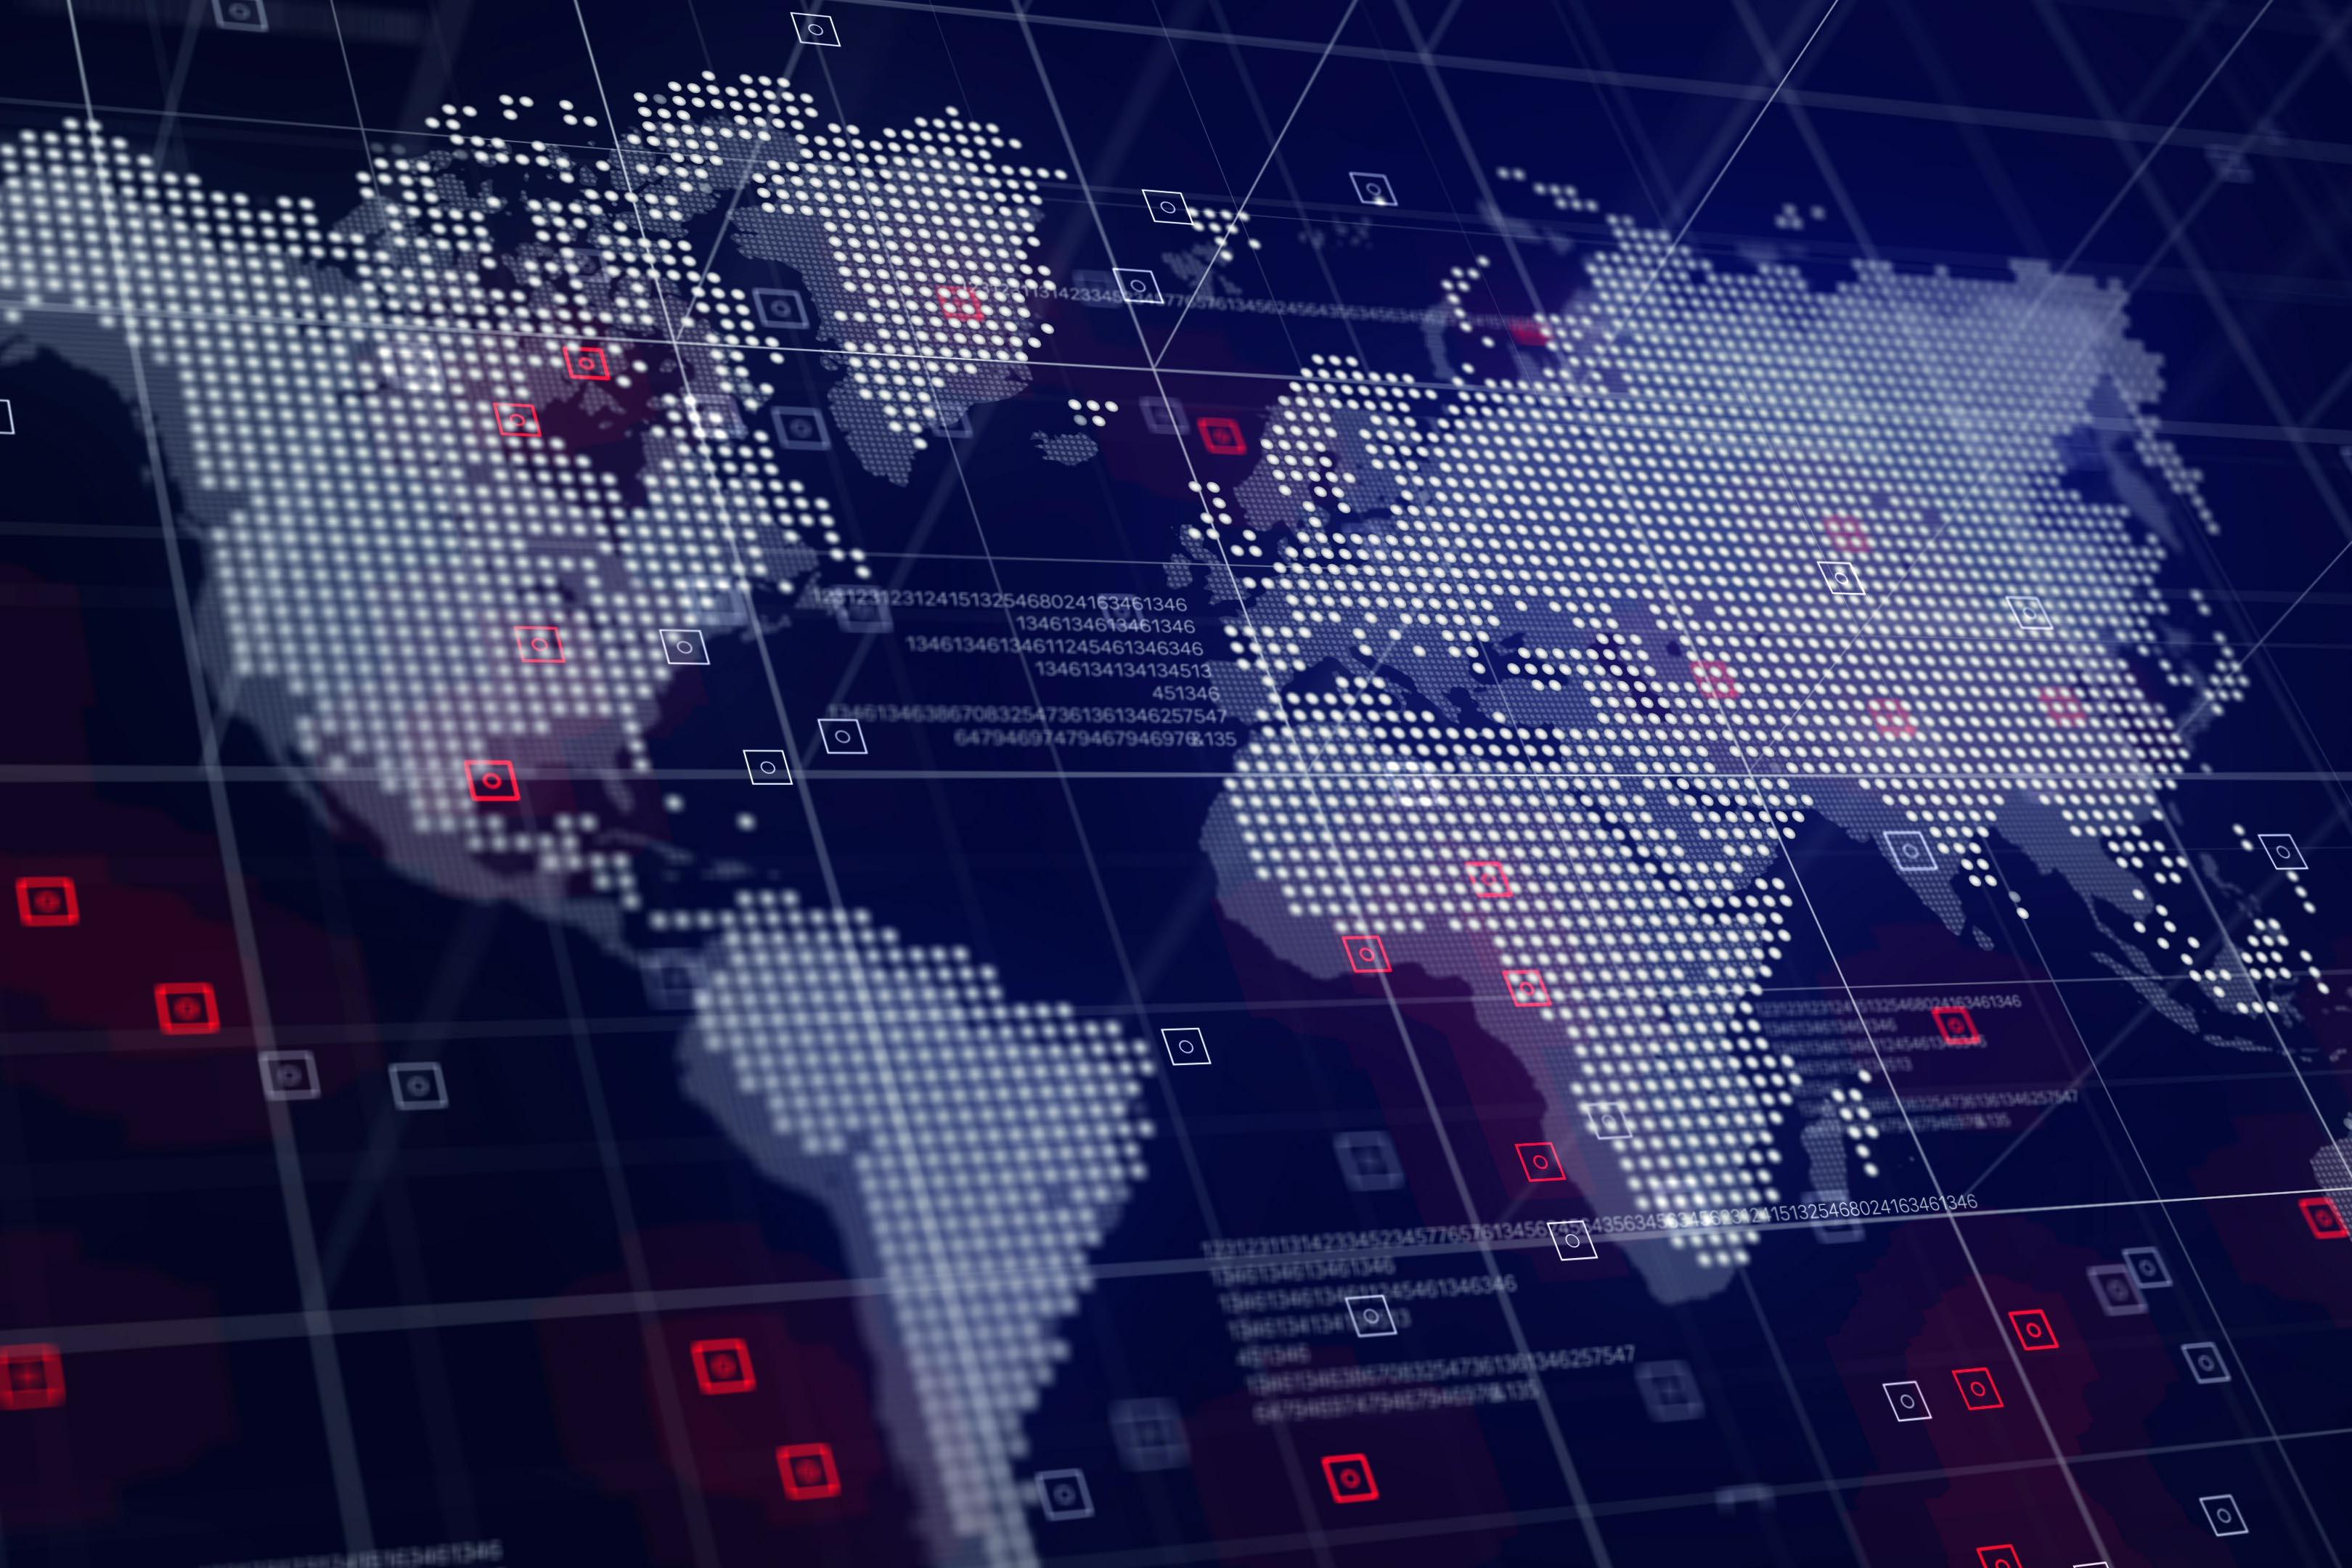 Novas regras para atuar no comércio exterior passam a vigorar a partir de dezembro